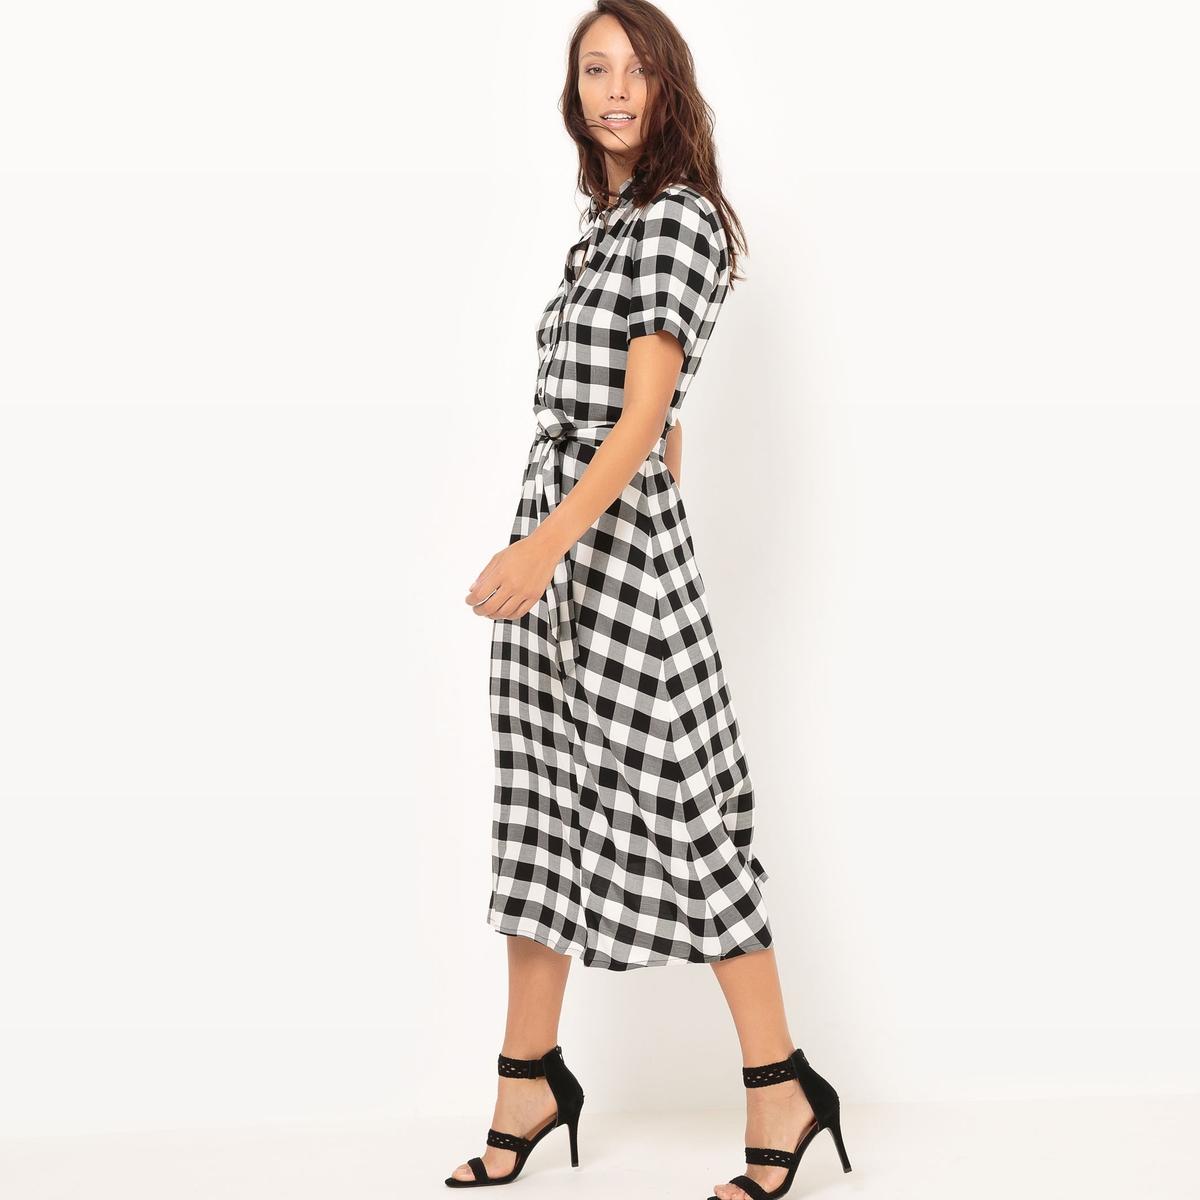 Платье-рубашка в клеткуМатериал : 100% вискоза  Длина рукава : короткие рукава  Форма воротника : воротник-поло, рубашечный Покрой платья : расклешенное платье Рисунок : в клетку  Особенность платья : с поясом Длина платья : длинное Стирка : машинная стирка при 40 °С Уход : сухая чистка и отбеливание запрещены Машинная сушка : машинная сушка в умеренном режиме Глажка : при умеренной температуре<br><br>Цвет: в клетку